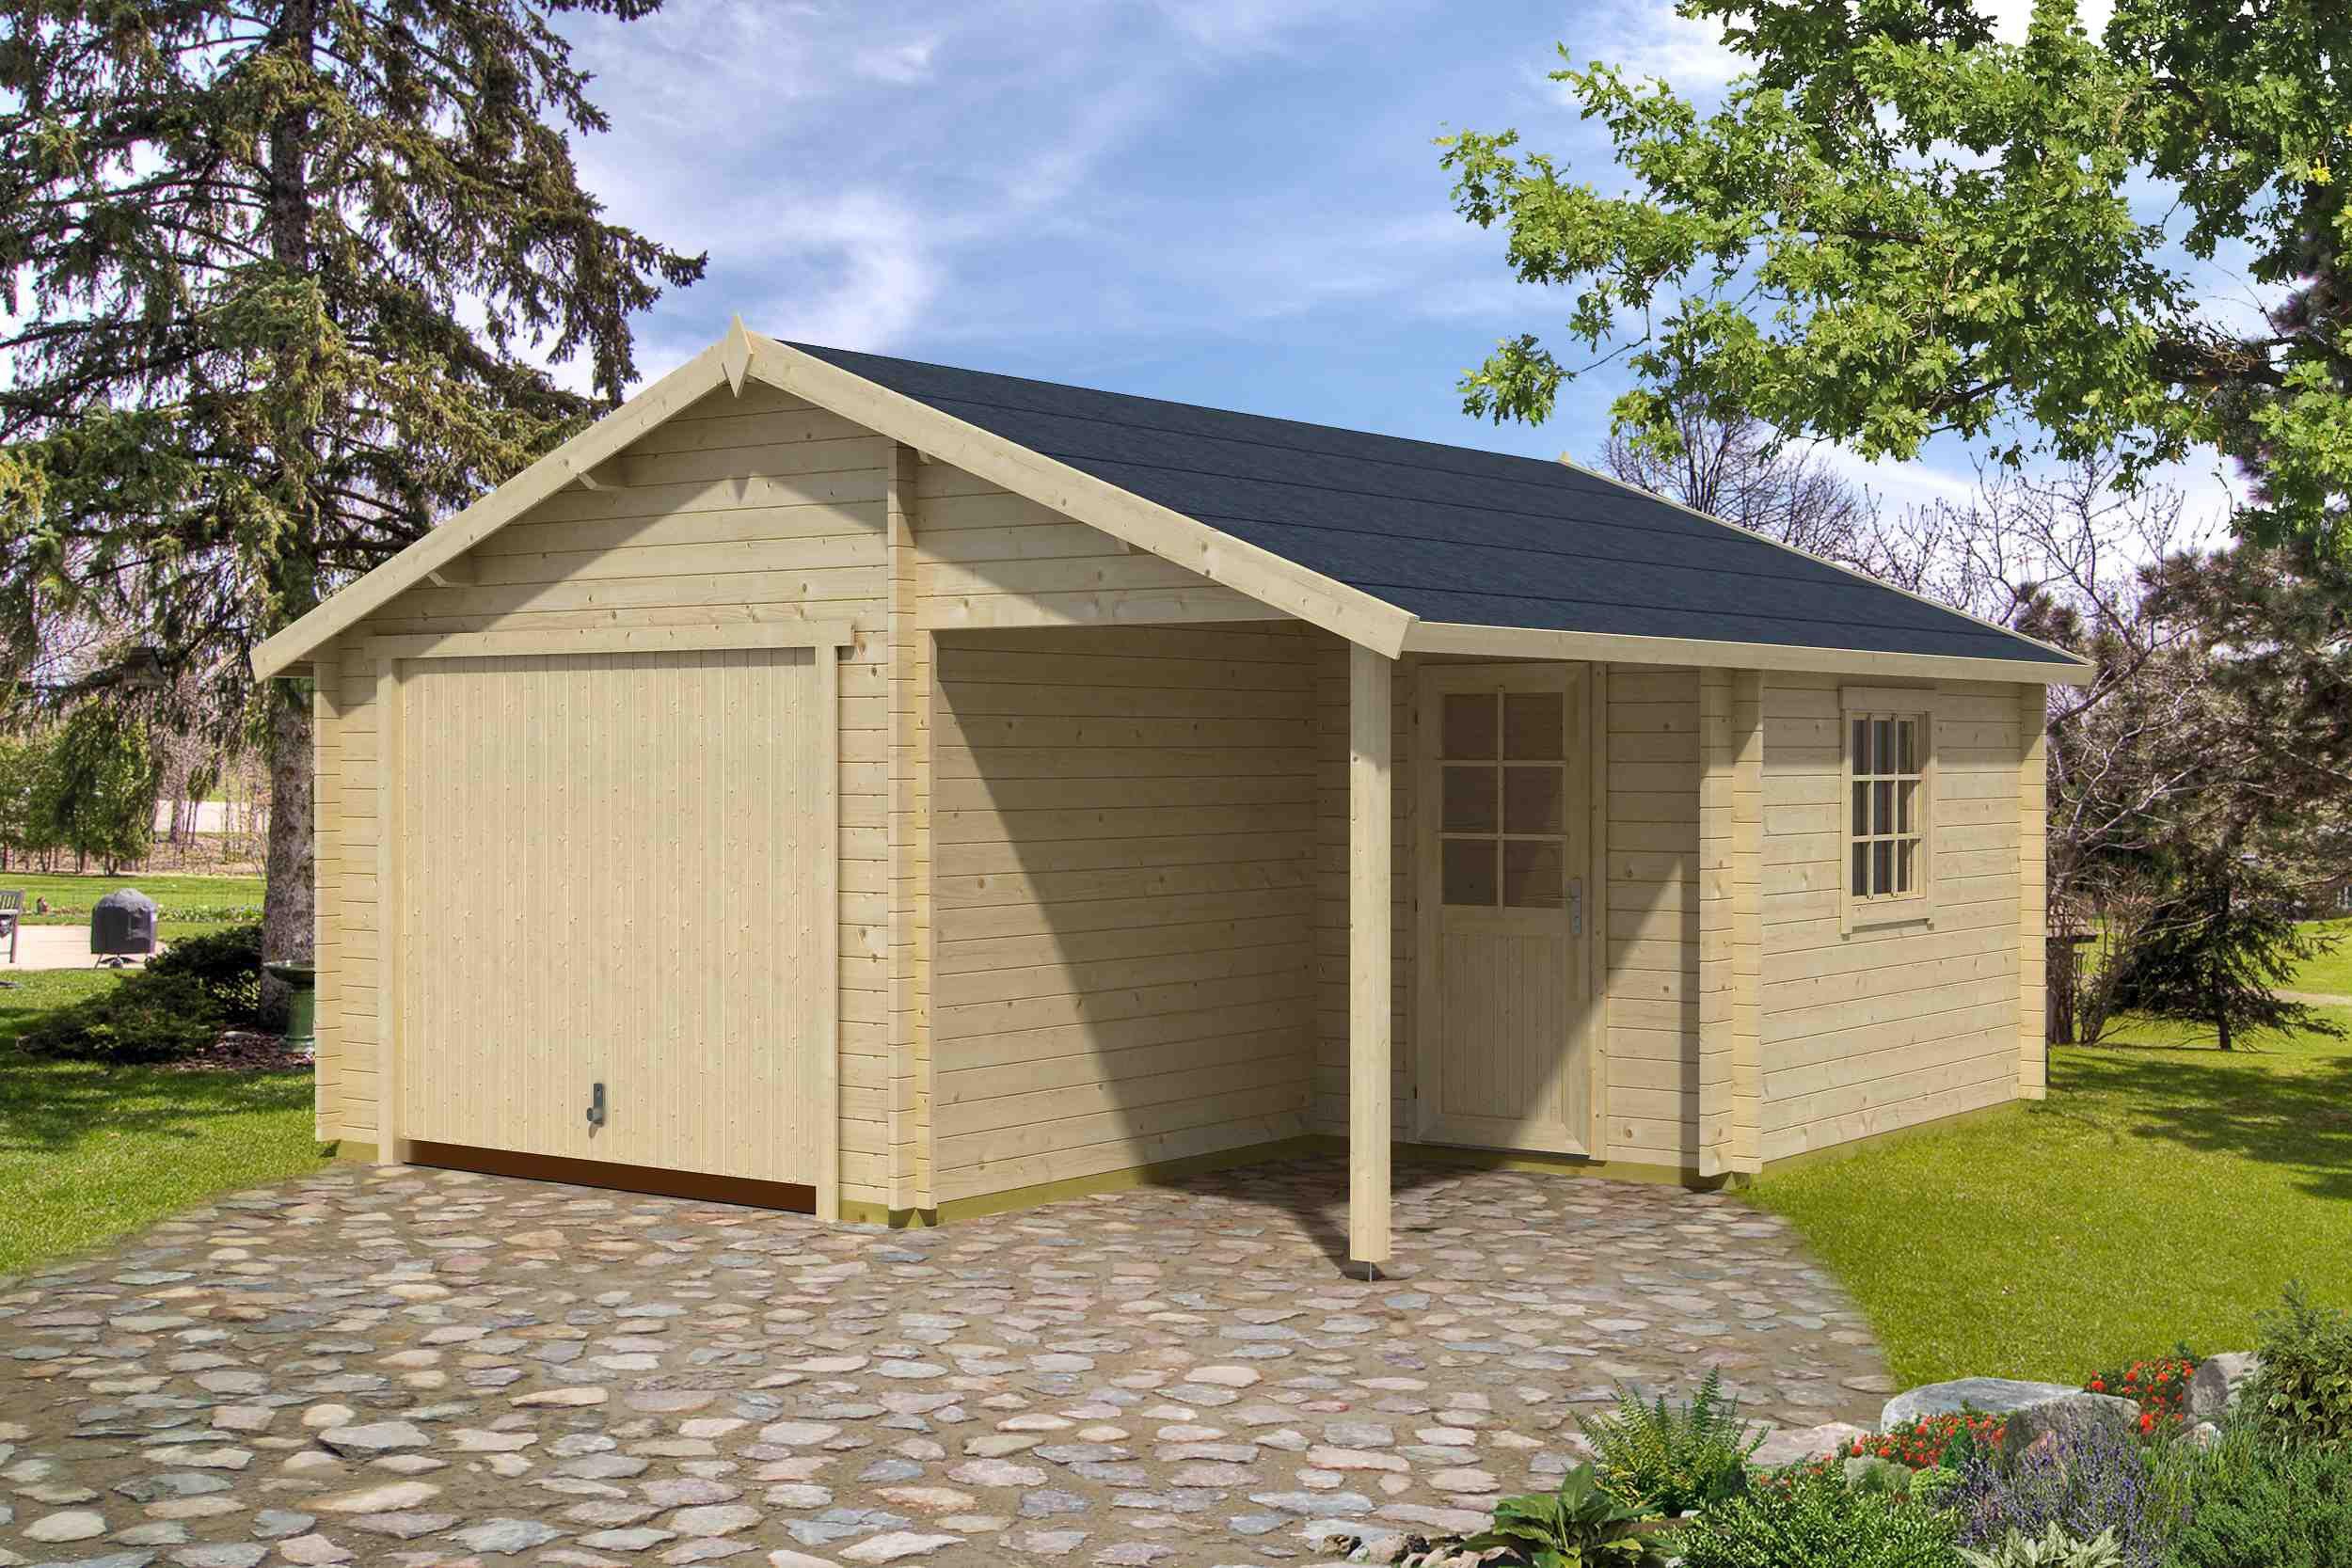 Holzgarage H162 inkl. Schwingtor - 44 mm Blockbohlenhaus, Grundfläche: 23,10 m², Satteldach